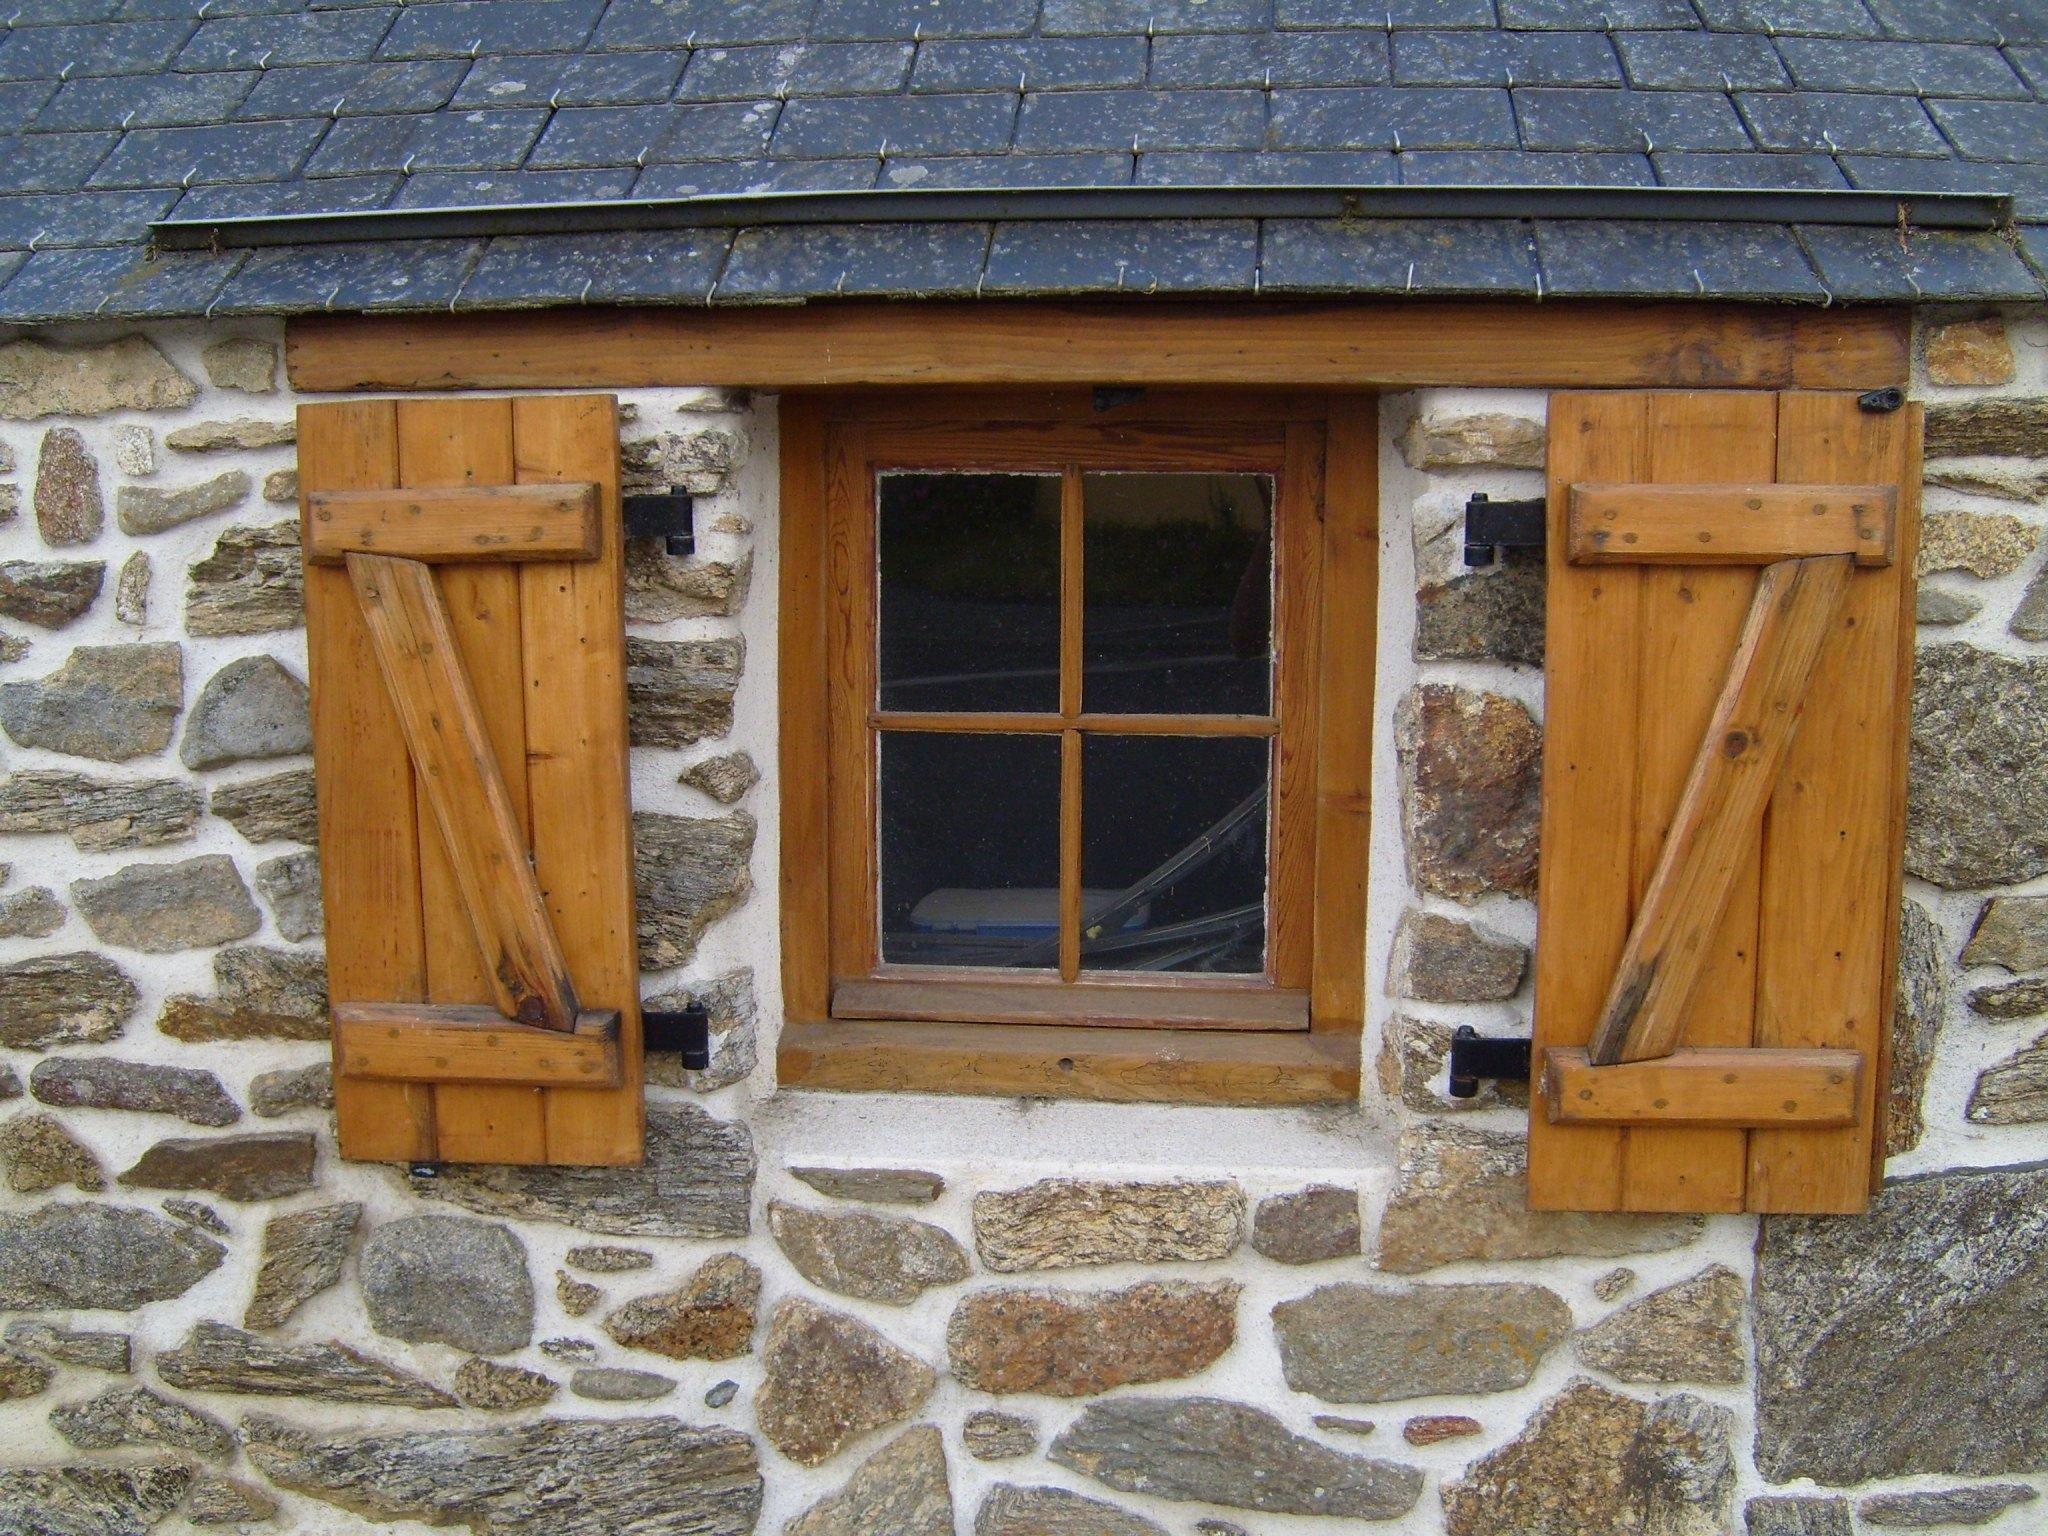 File:Old wooden window.jpg